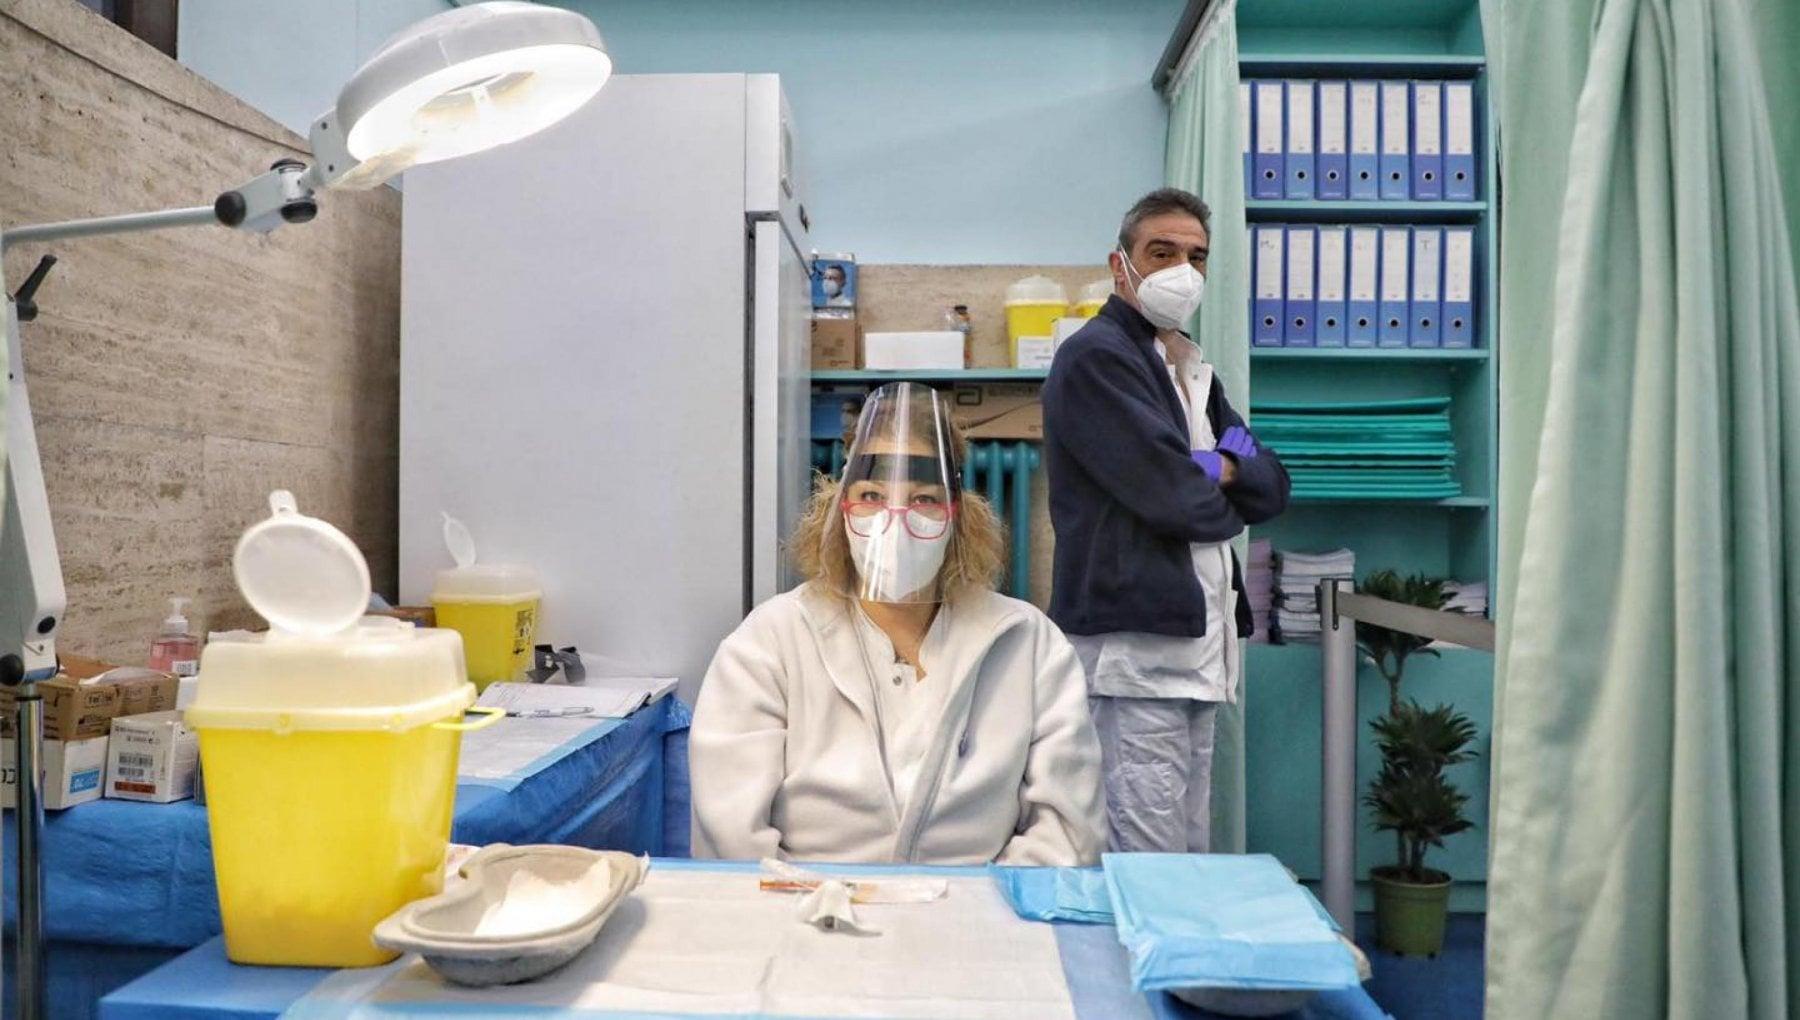 """175931423 768416d5 b56d 4e0b b335 d694a0941168 - Coronavirus, nel Lazio impennata di contagi: sono 1719. La curva al 13%. Vaccini: somministrato il 70% delle dosi. """"Preoccupano i ritardi"""""""